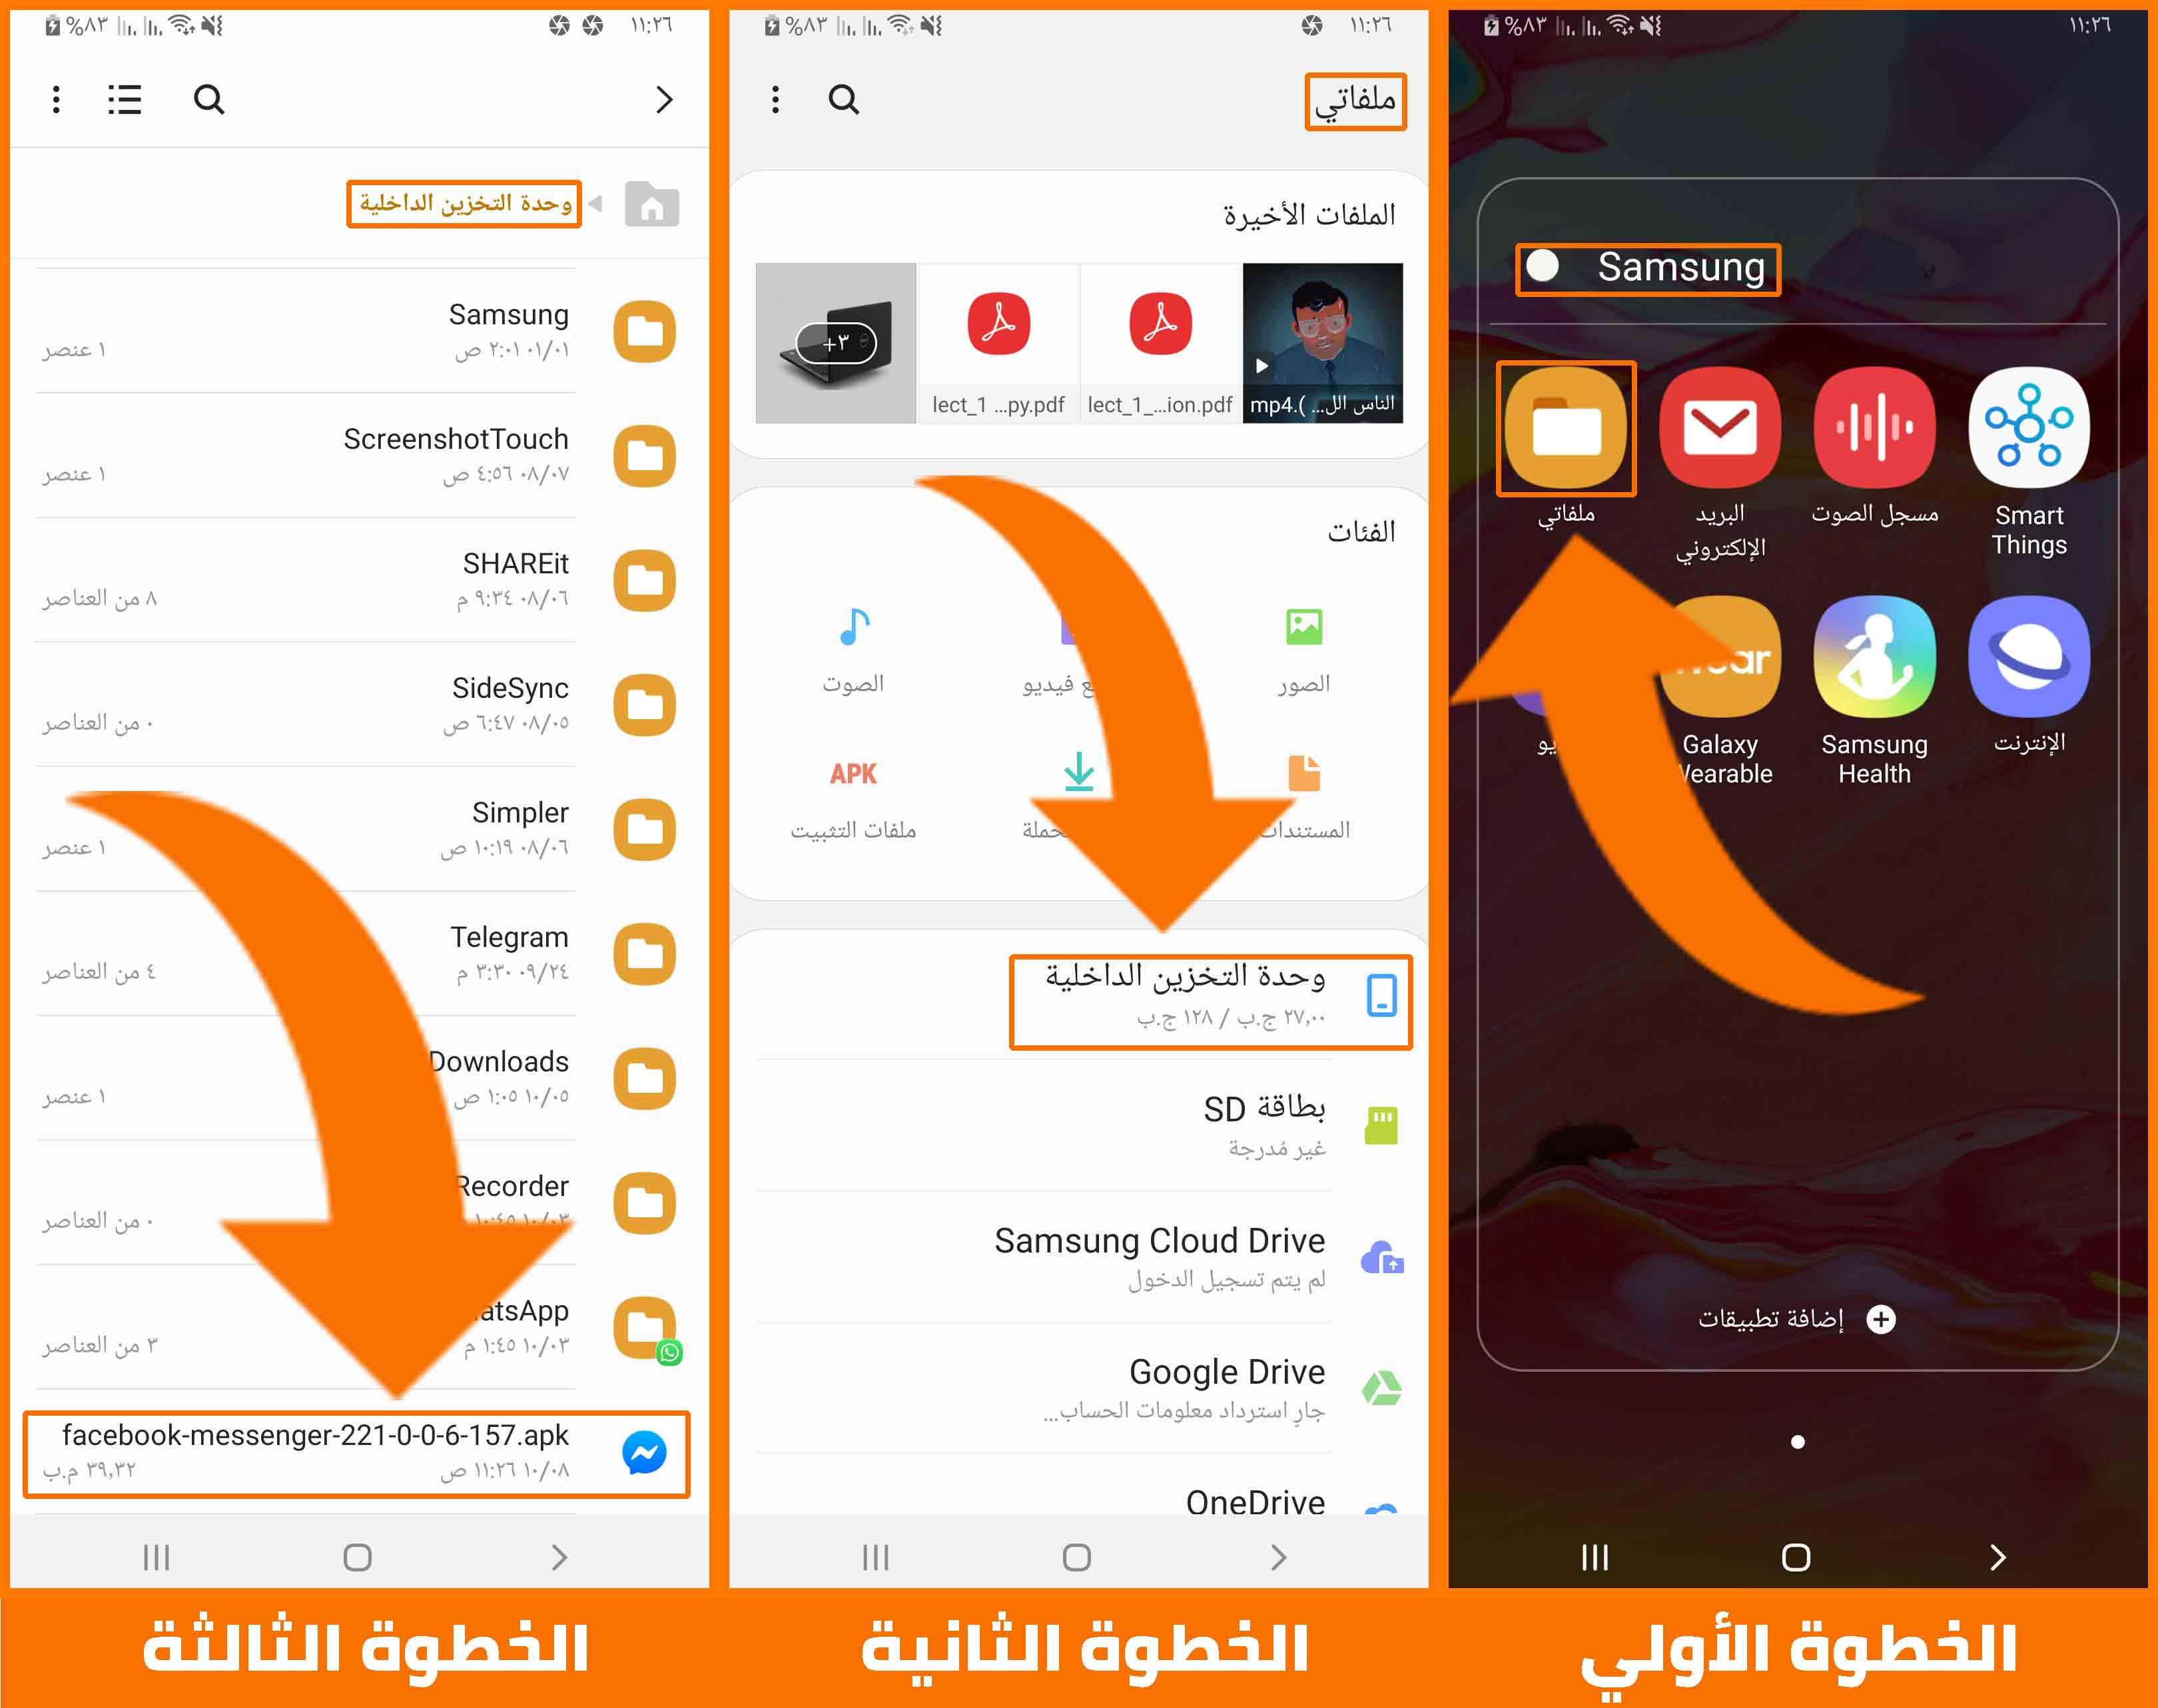 تثبيت التطبيقات من خلال الكمبيوتر على هاتفك يدويًا الخطوة الثالثة